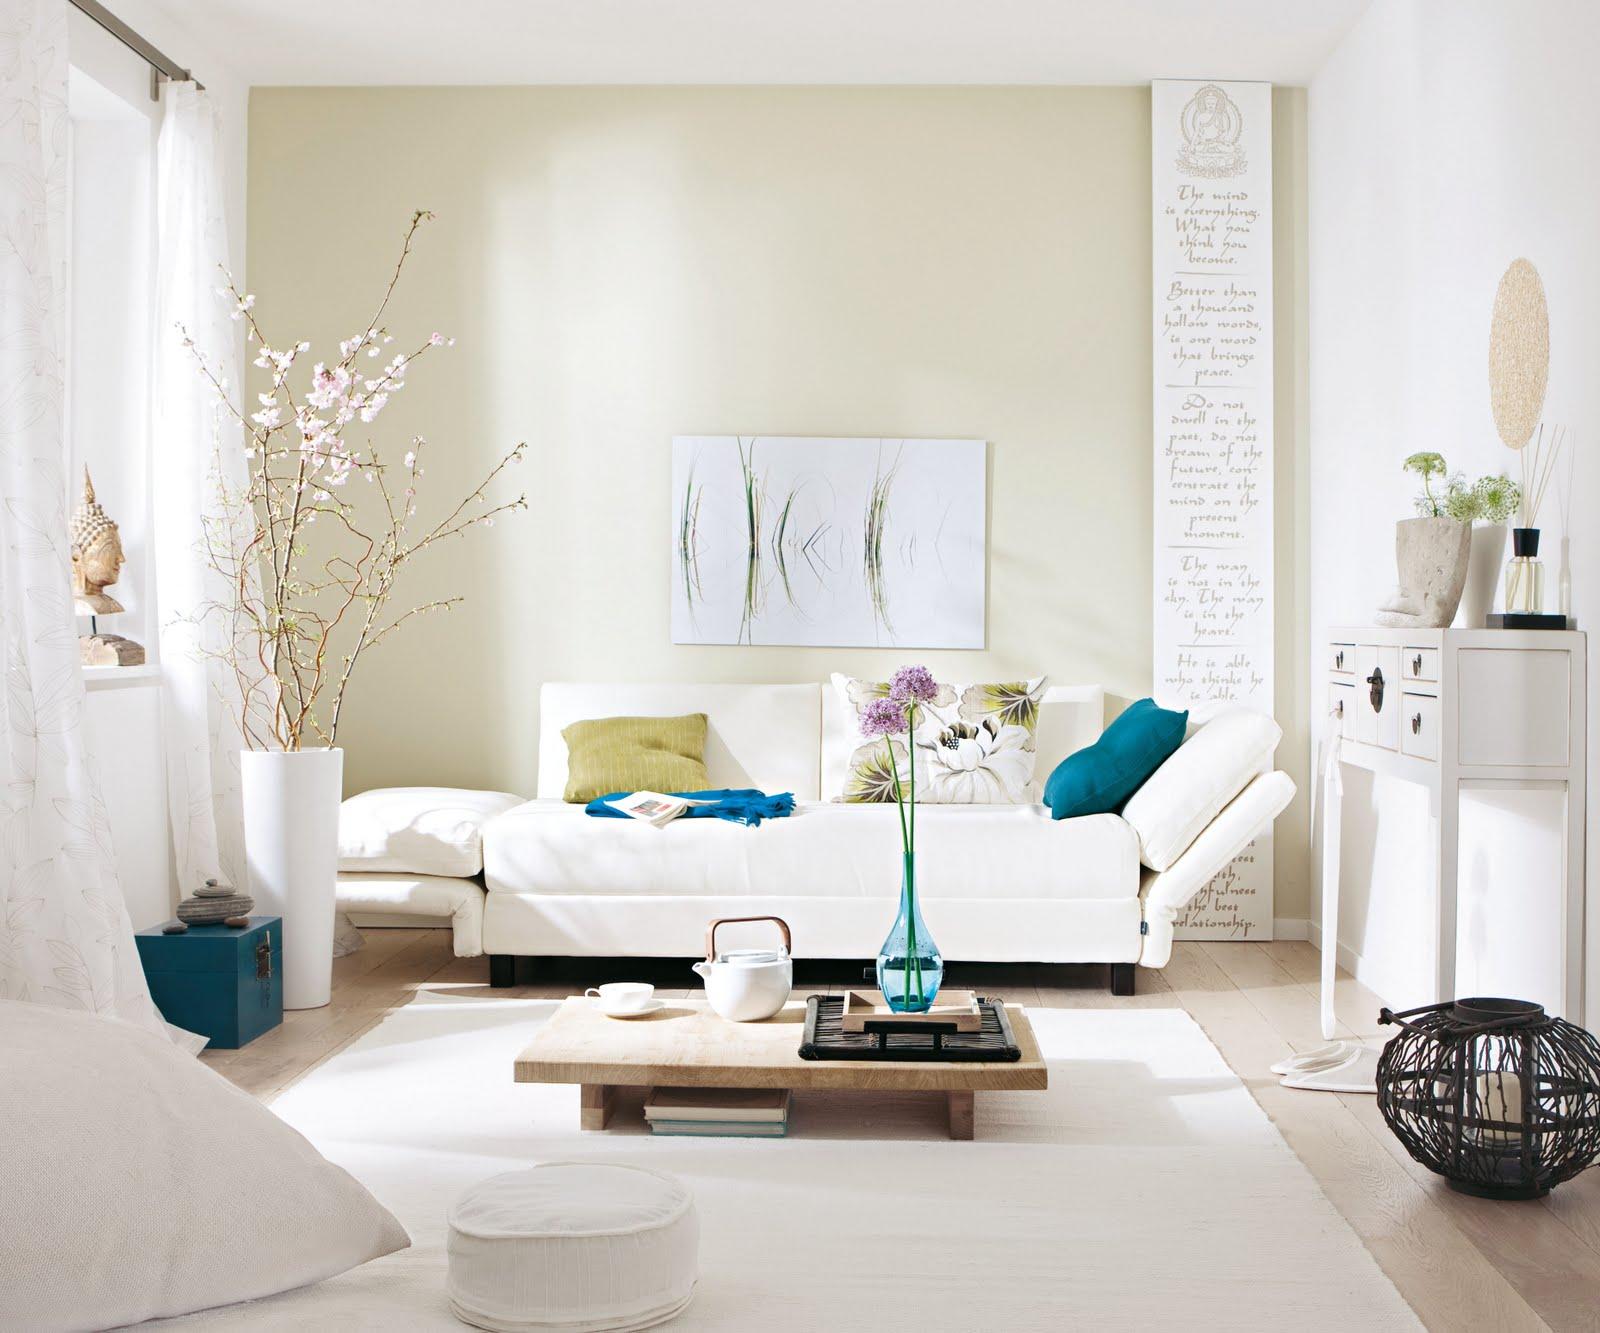 #127083 Decoração de sala de estar Reciclar e Decorar Blog de  1600x1333 píxeis em Decoração De Salas De Estar Laranja